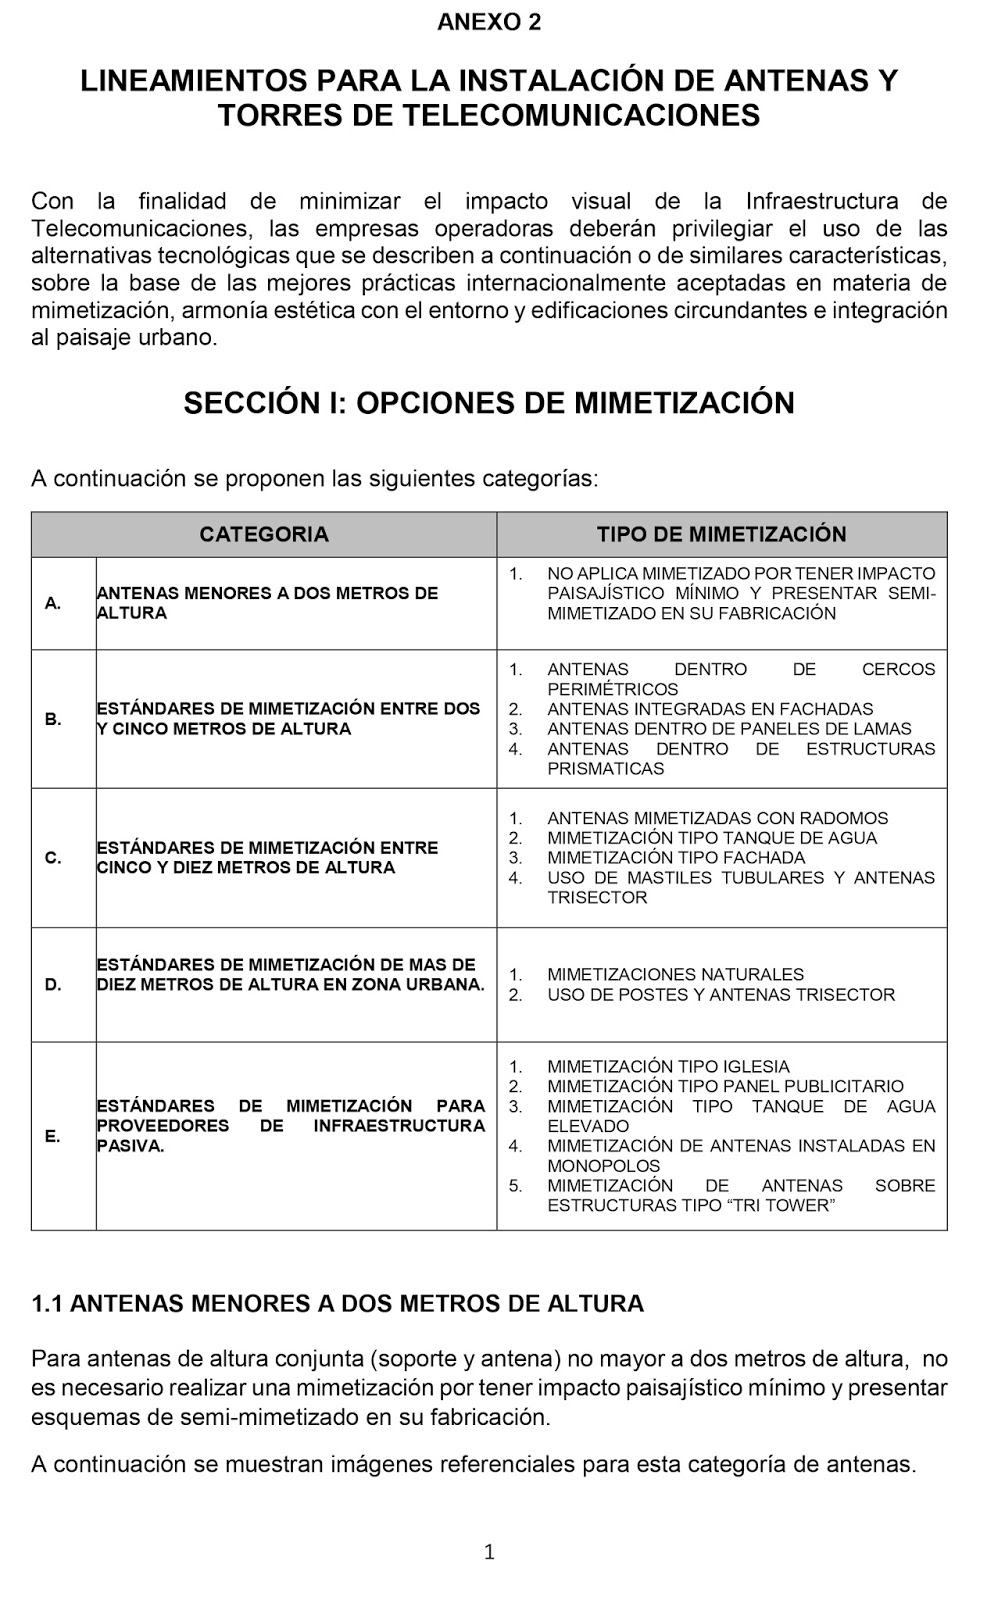 LINEAMIENTOS PARA LA INSTALACIÓN DE ANTENAS Y TORRES DE TELECOMUNICACIONES